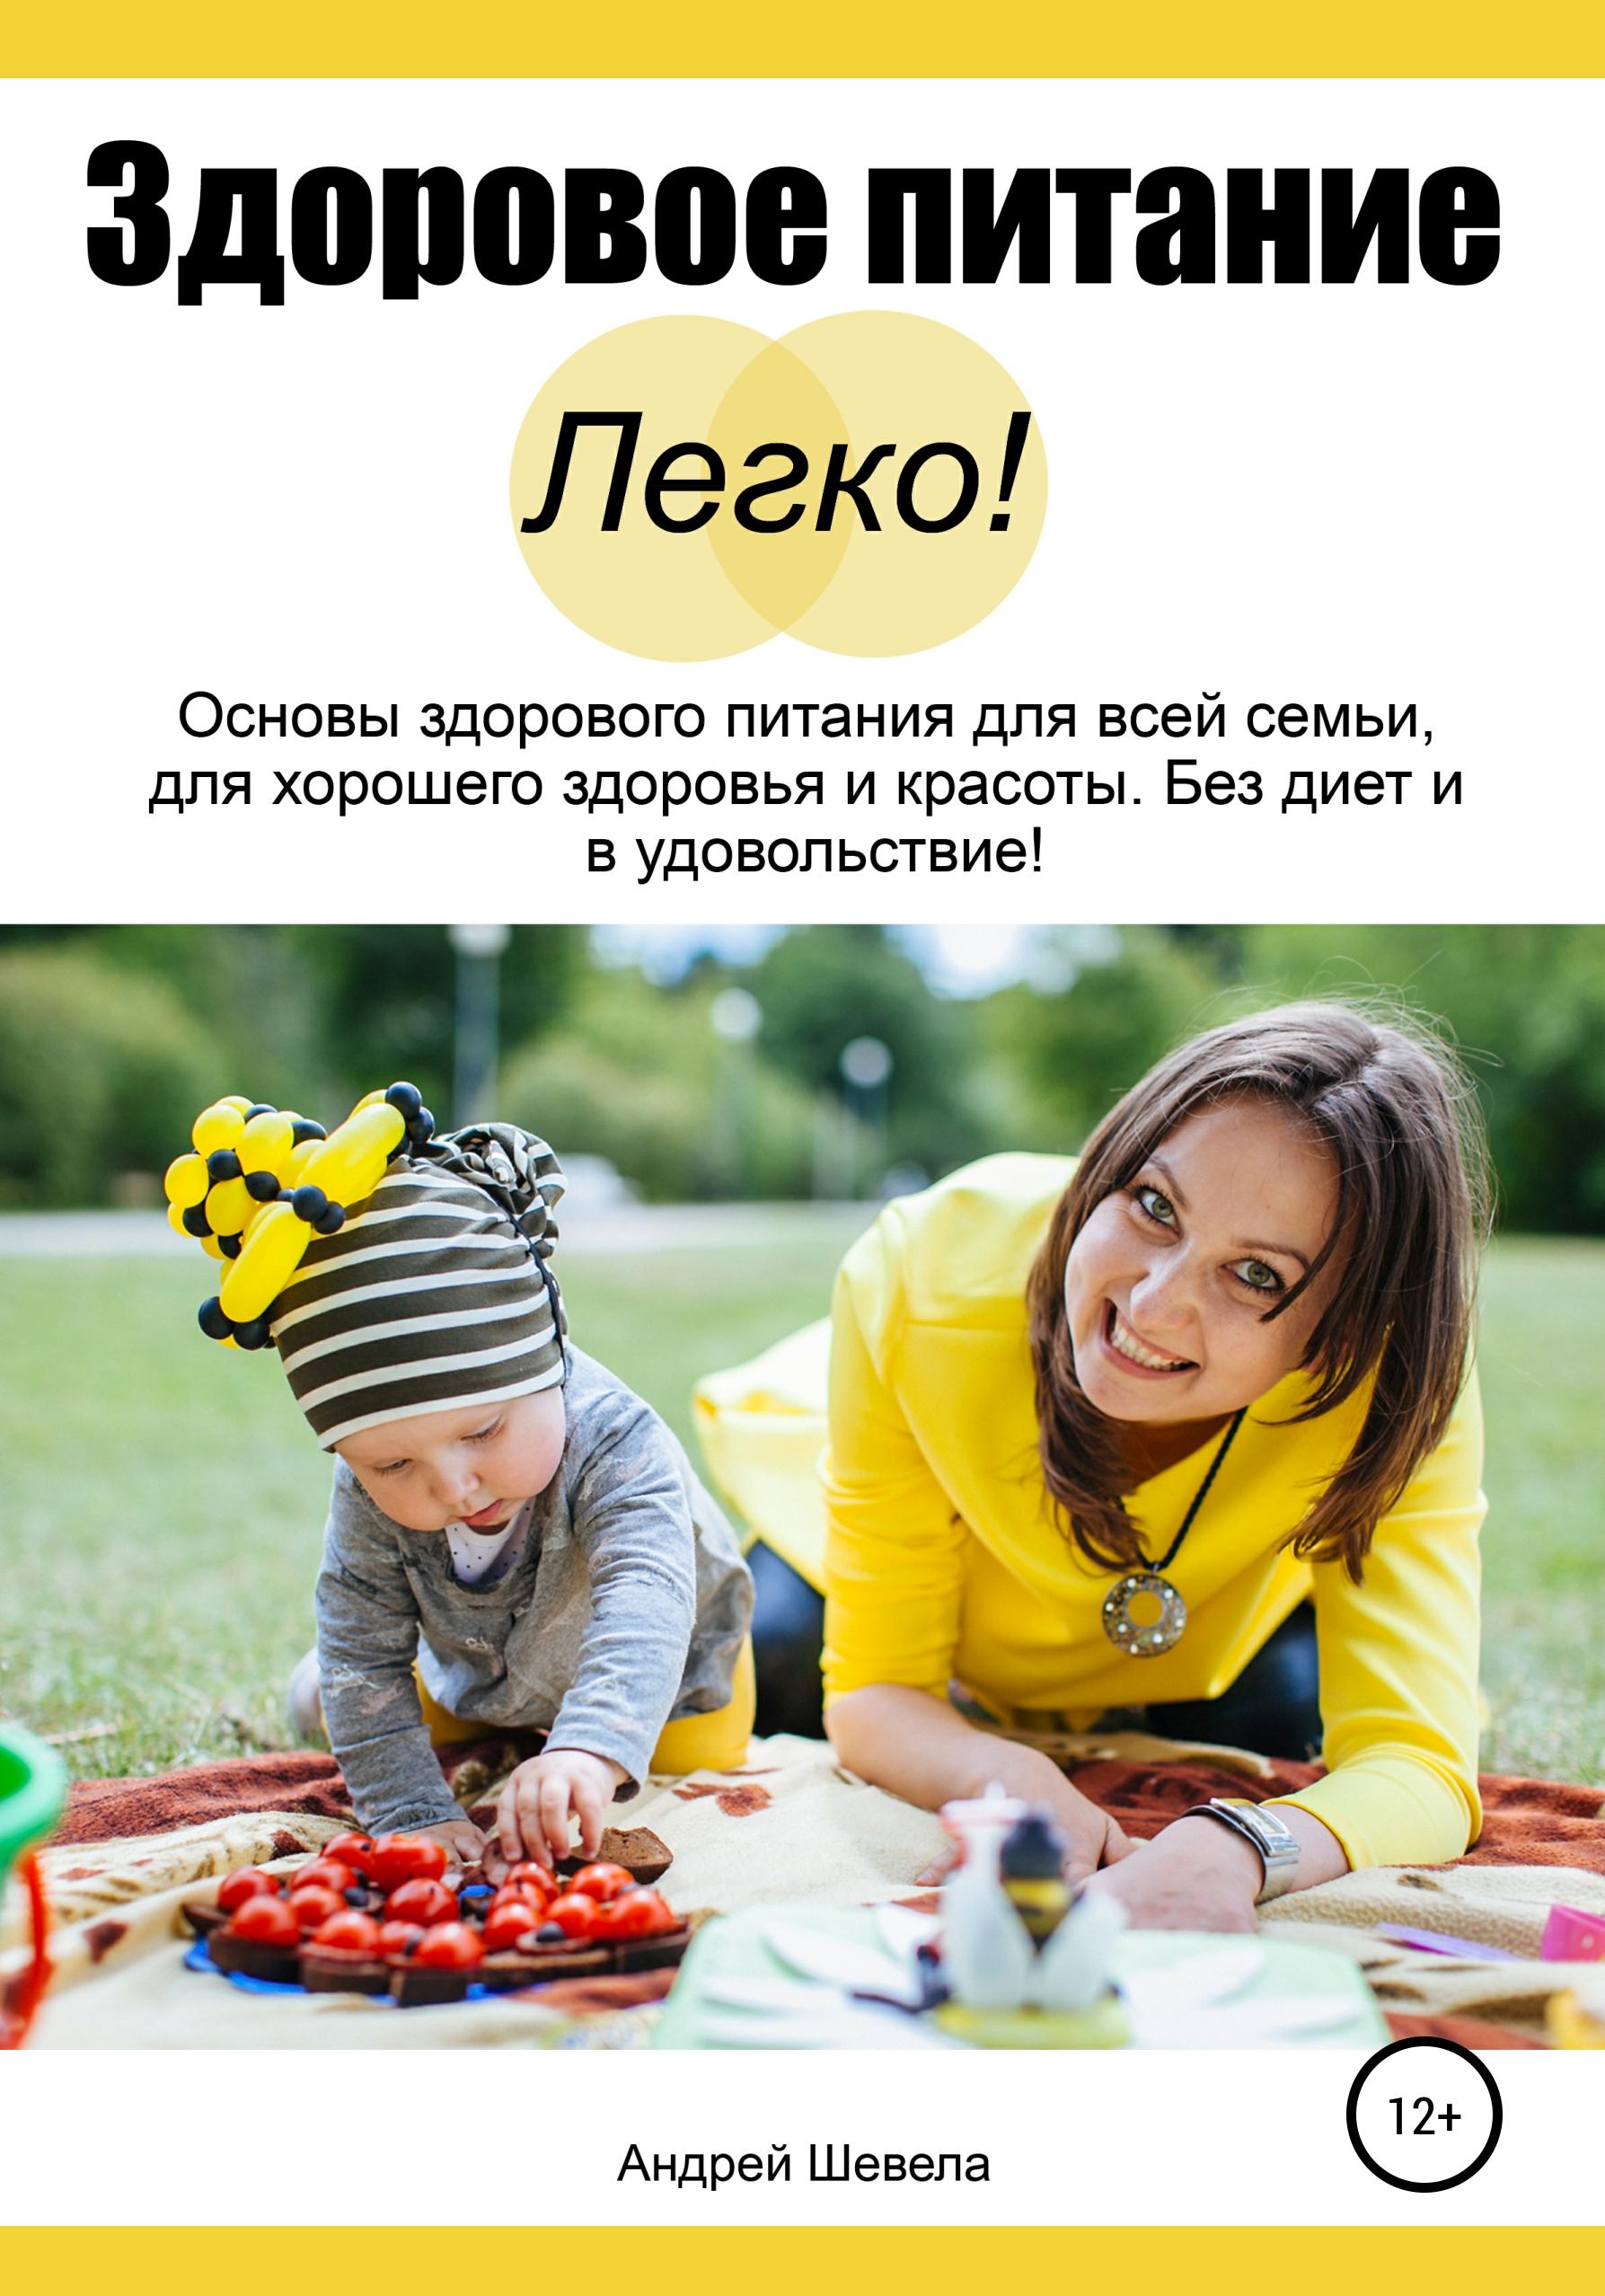 Купить книгу Здоровое питание – Легко! Основы здорового питания для всей семьи, для хорошего здоровья и красоты. Без диет и в удовольствие, автора Андрея Шевелы